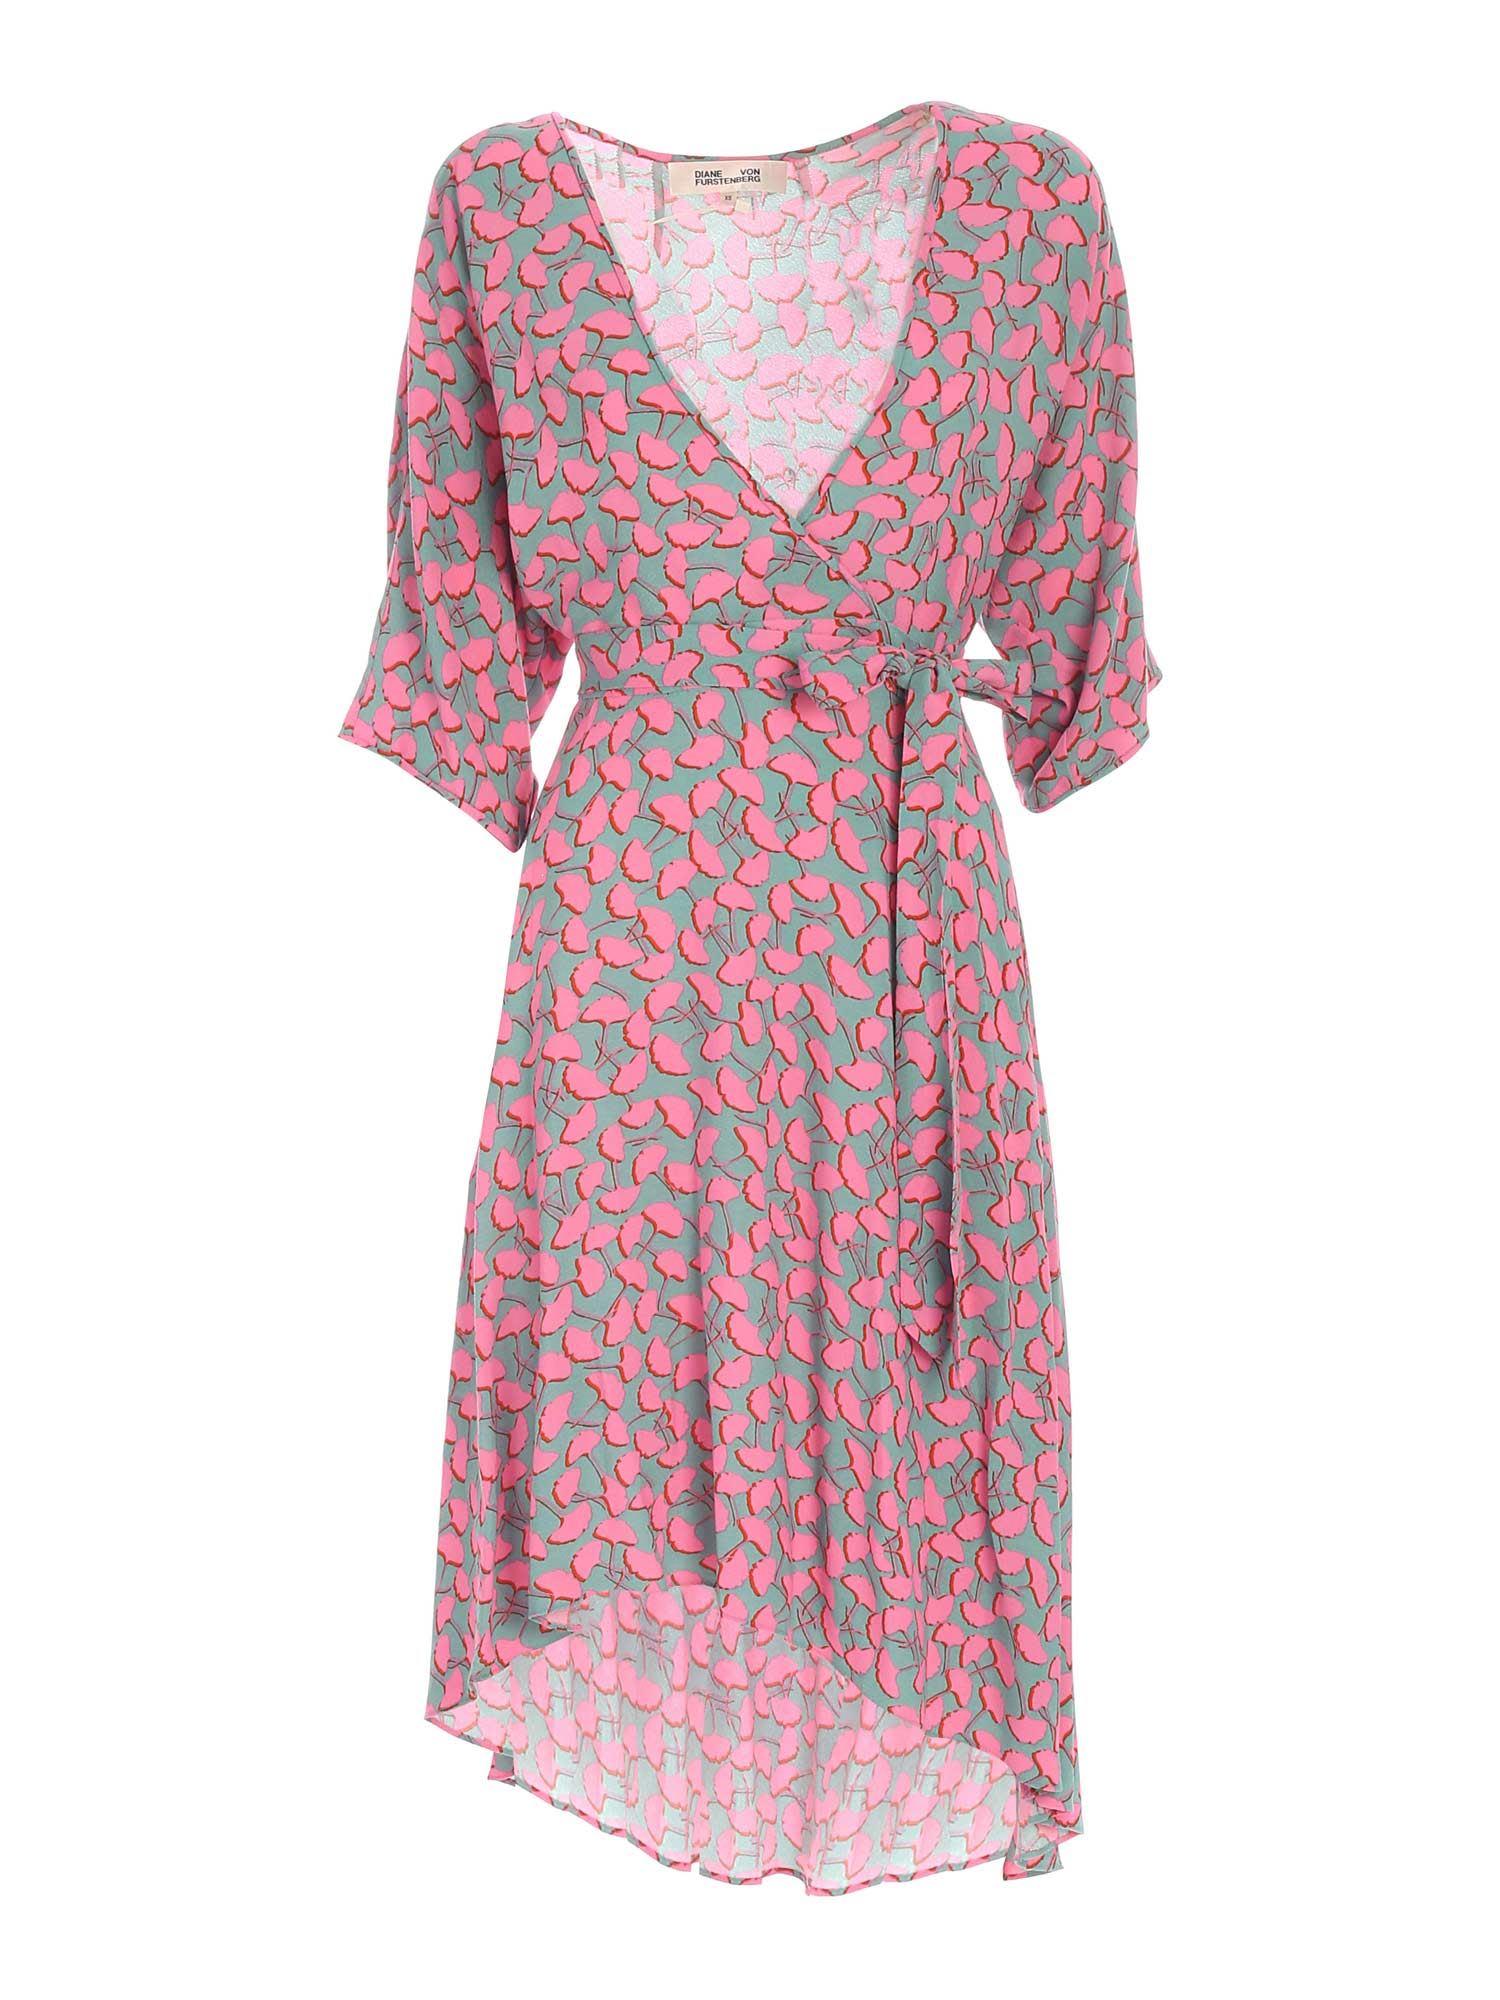 Diane Von Furstenberg – Eloise Dress